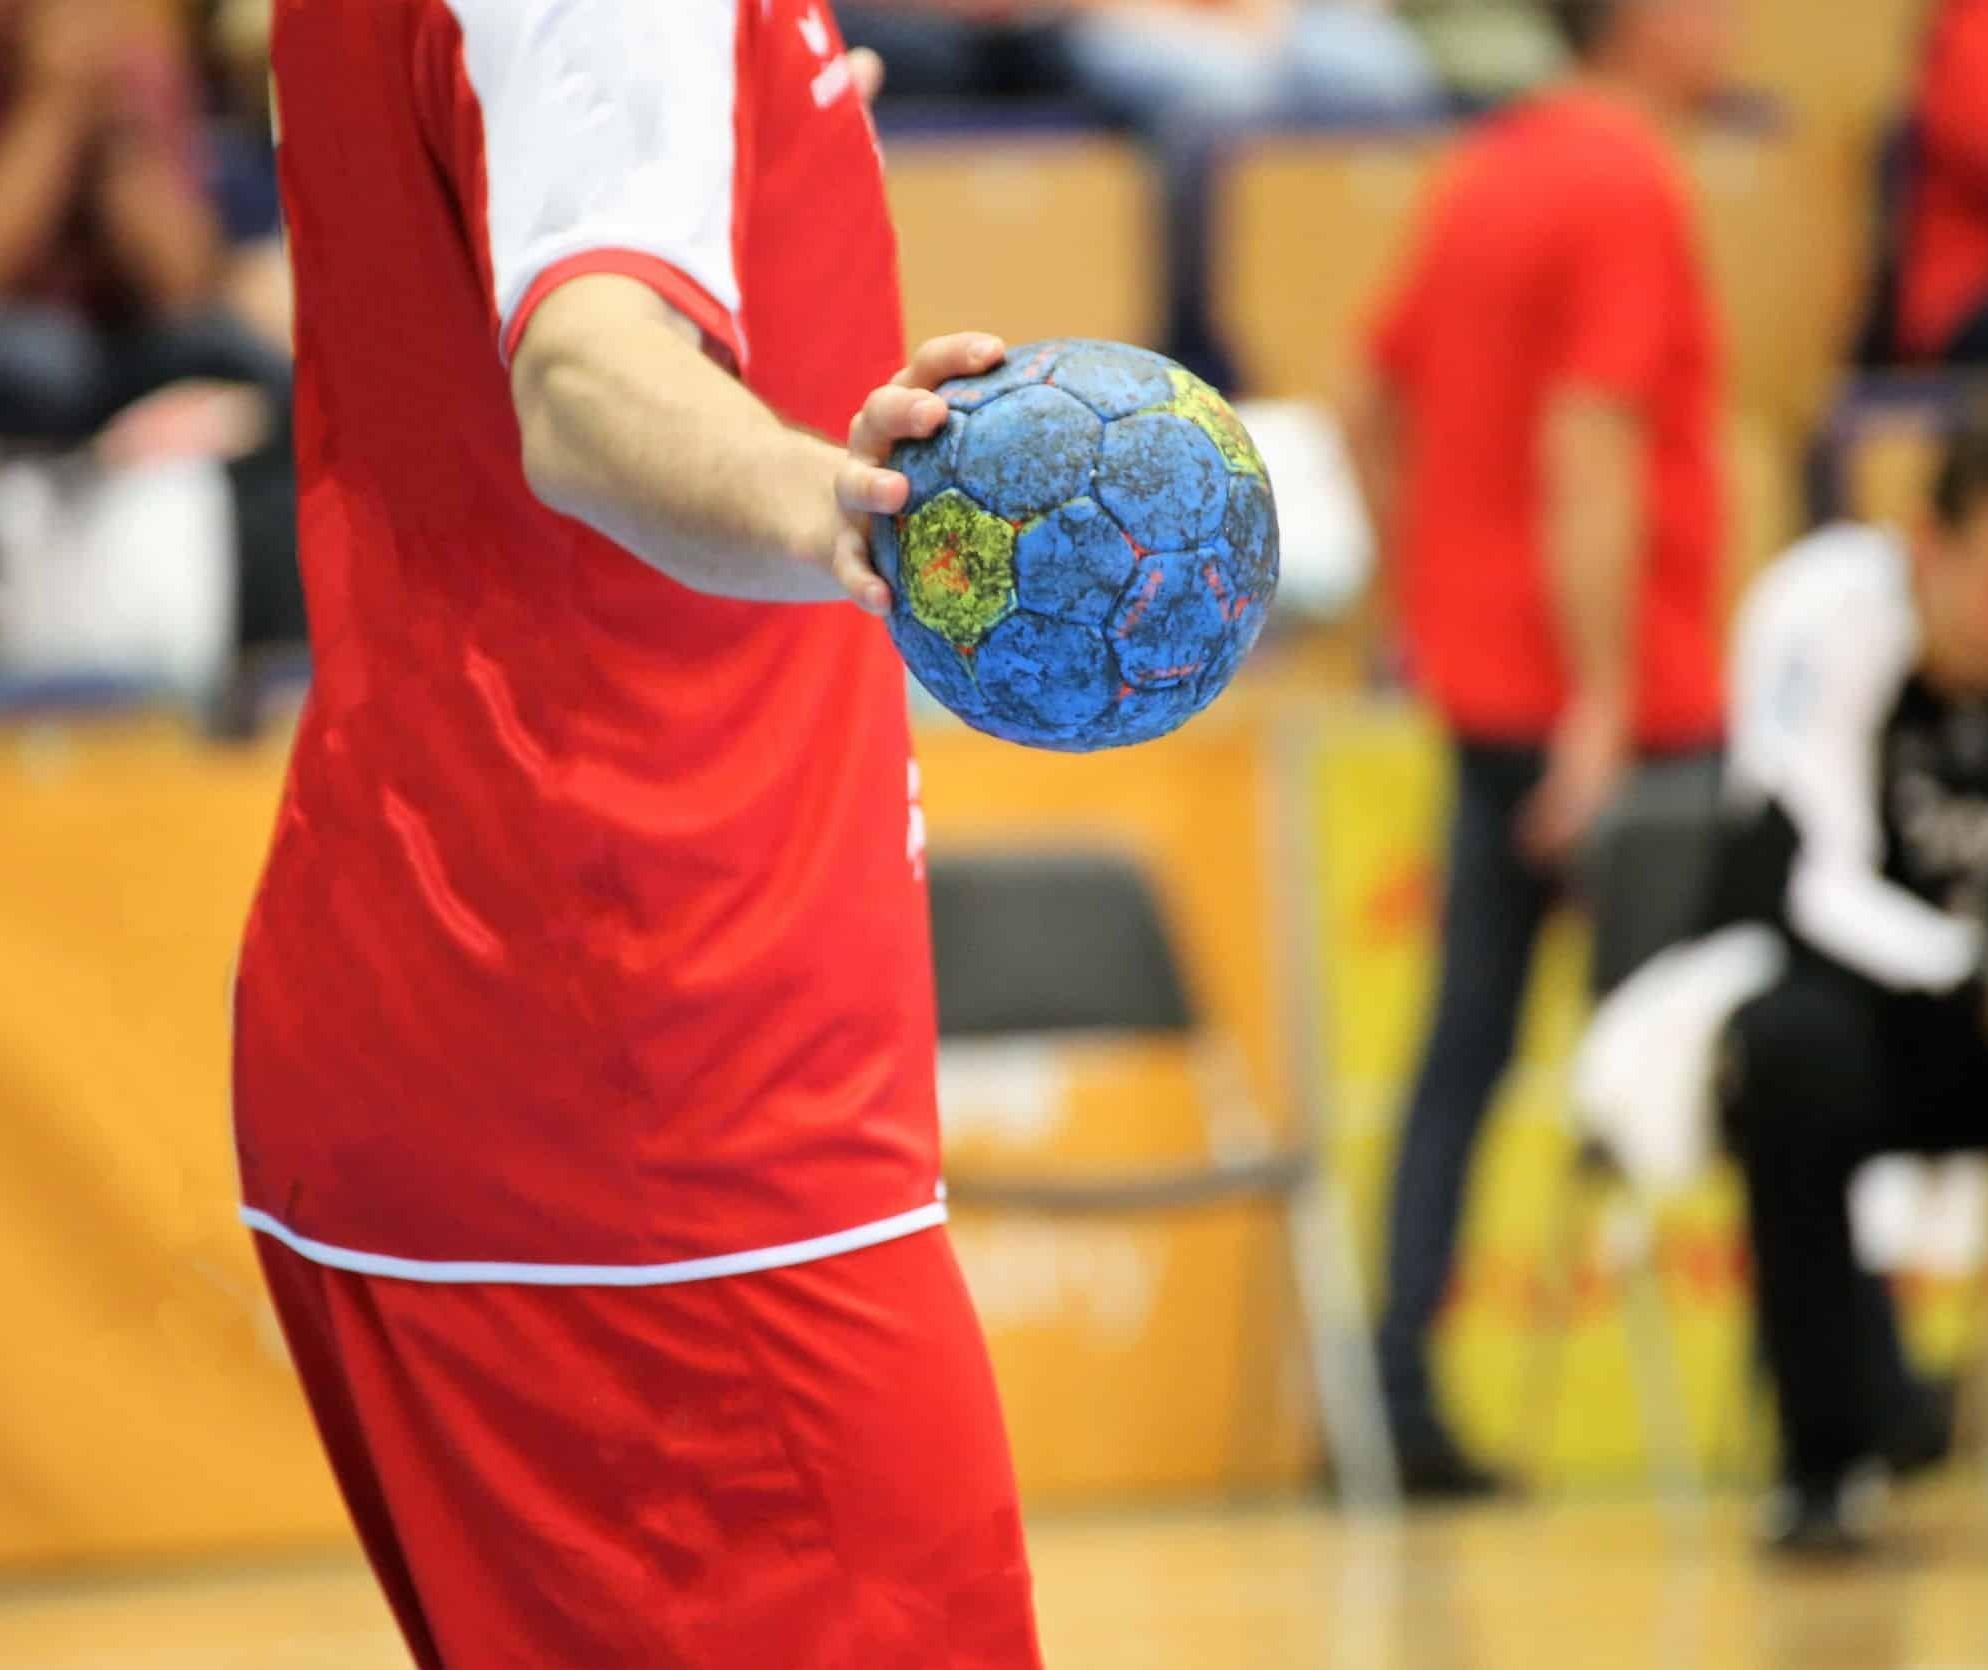 Maringá vai sediar o Campeonato Sul-Centro Americano de Handebol